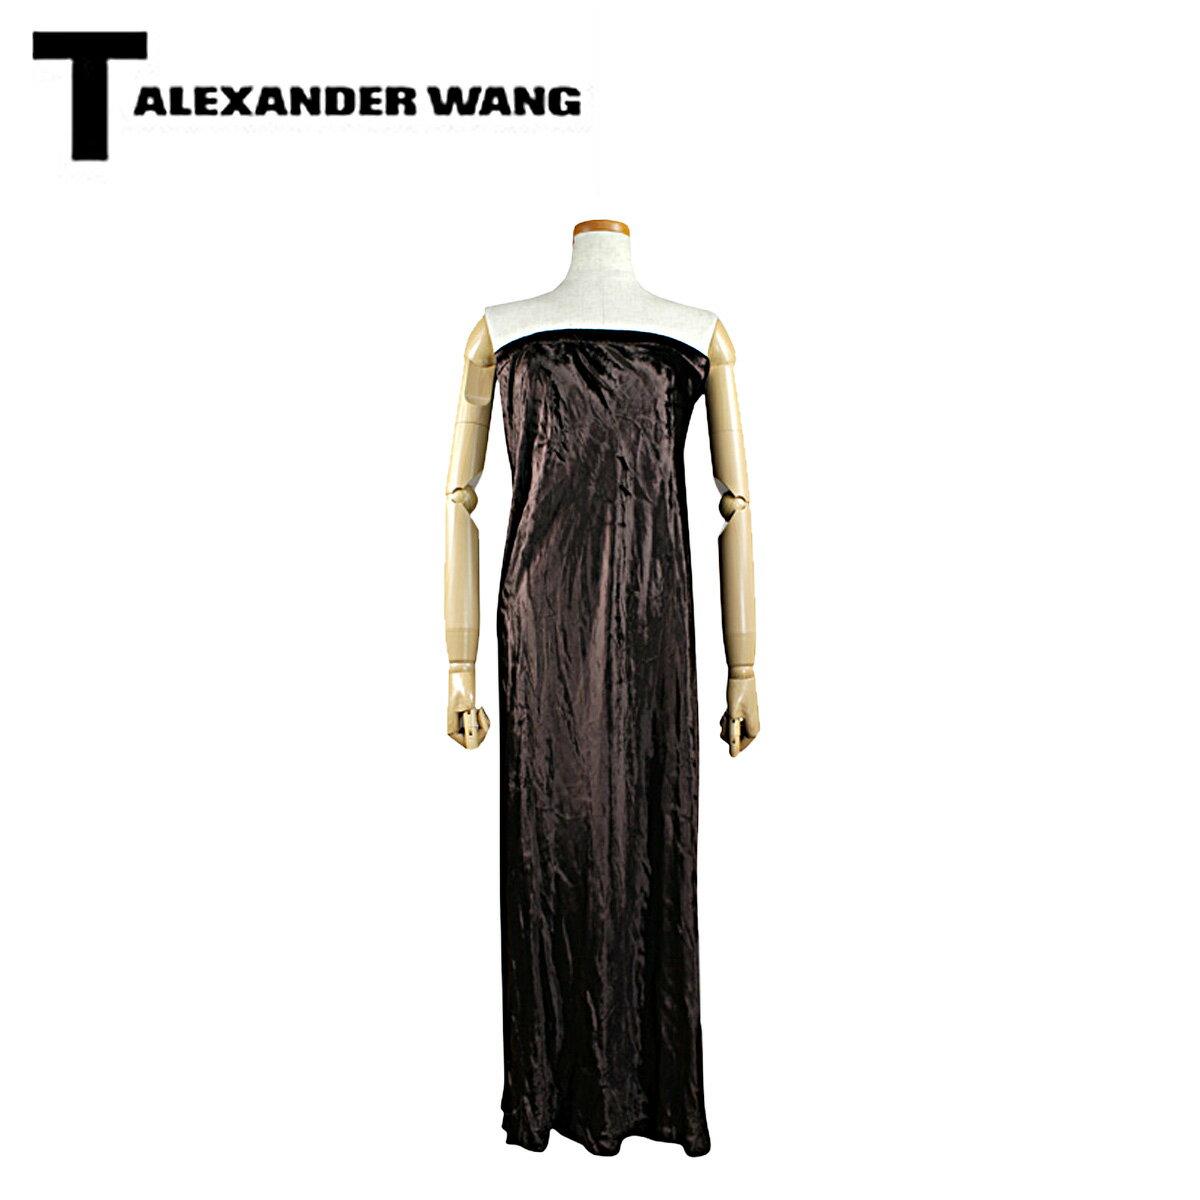 T by ALEXANDER WANG アレキサンダーワン ワンピース ドレス  レディース